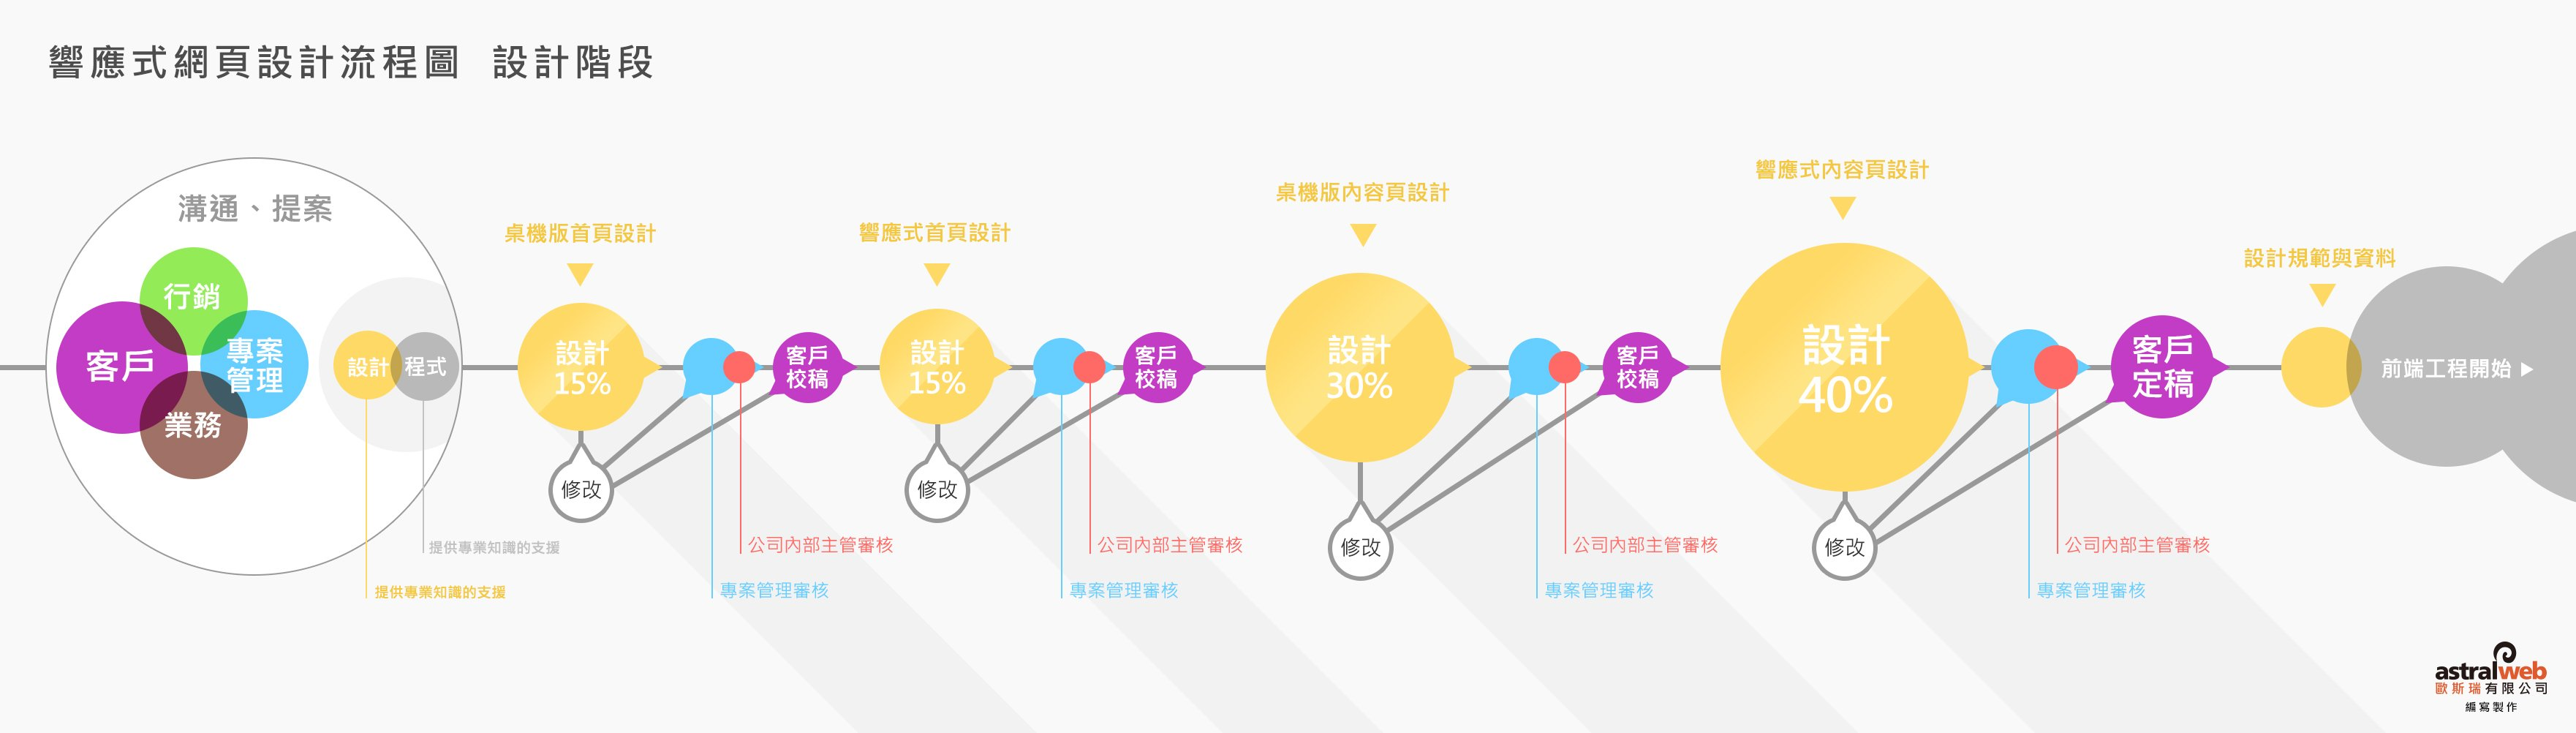 响应式网页设计流程图-设计阶段